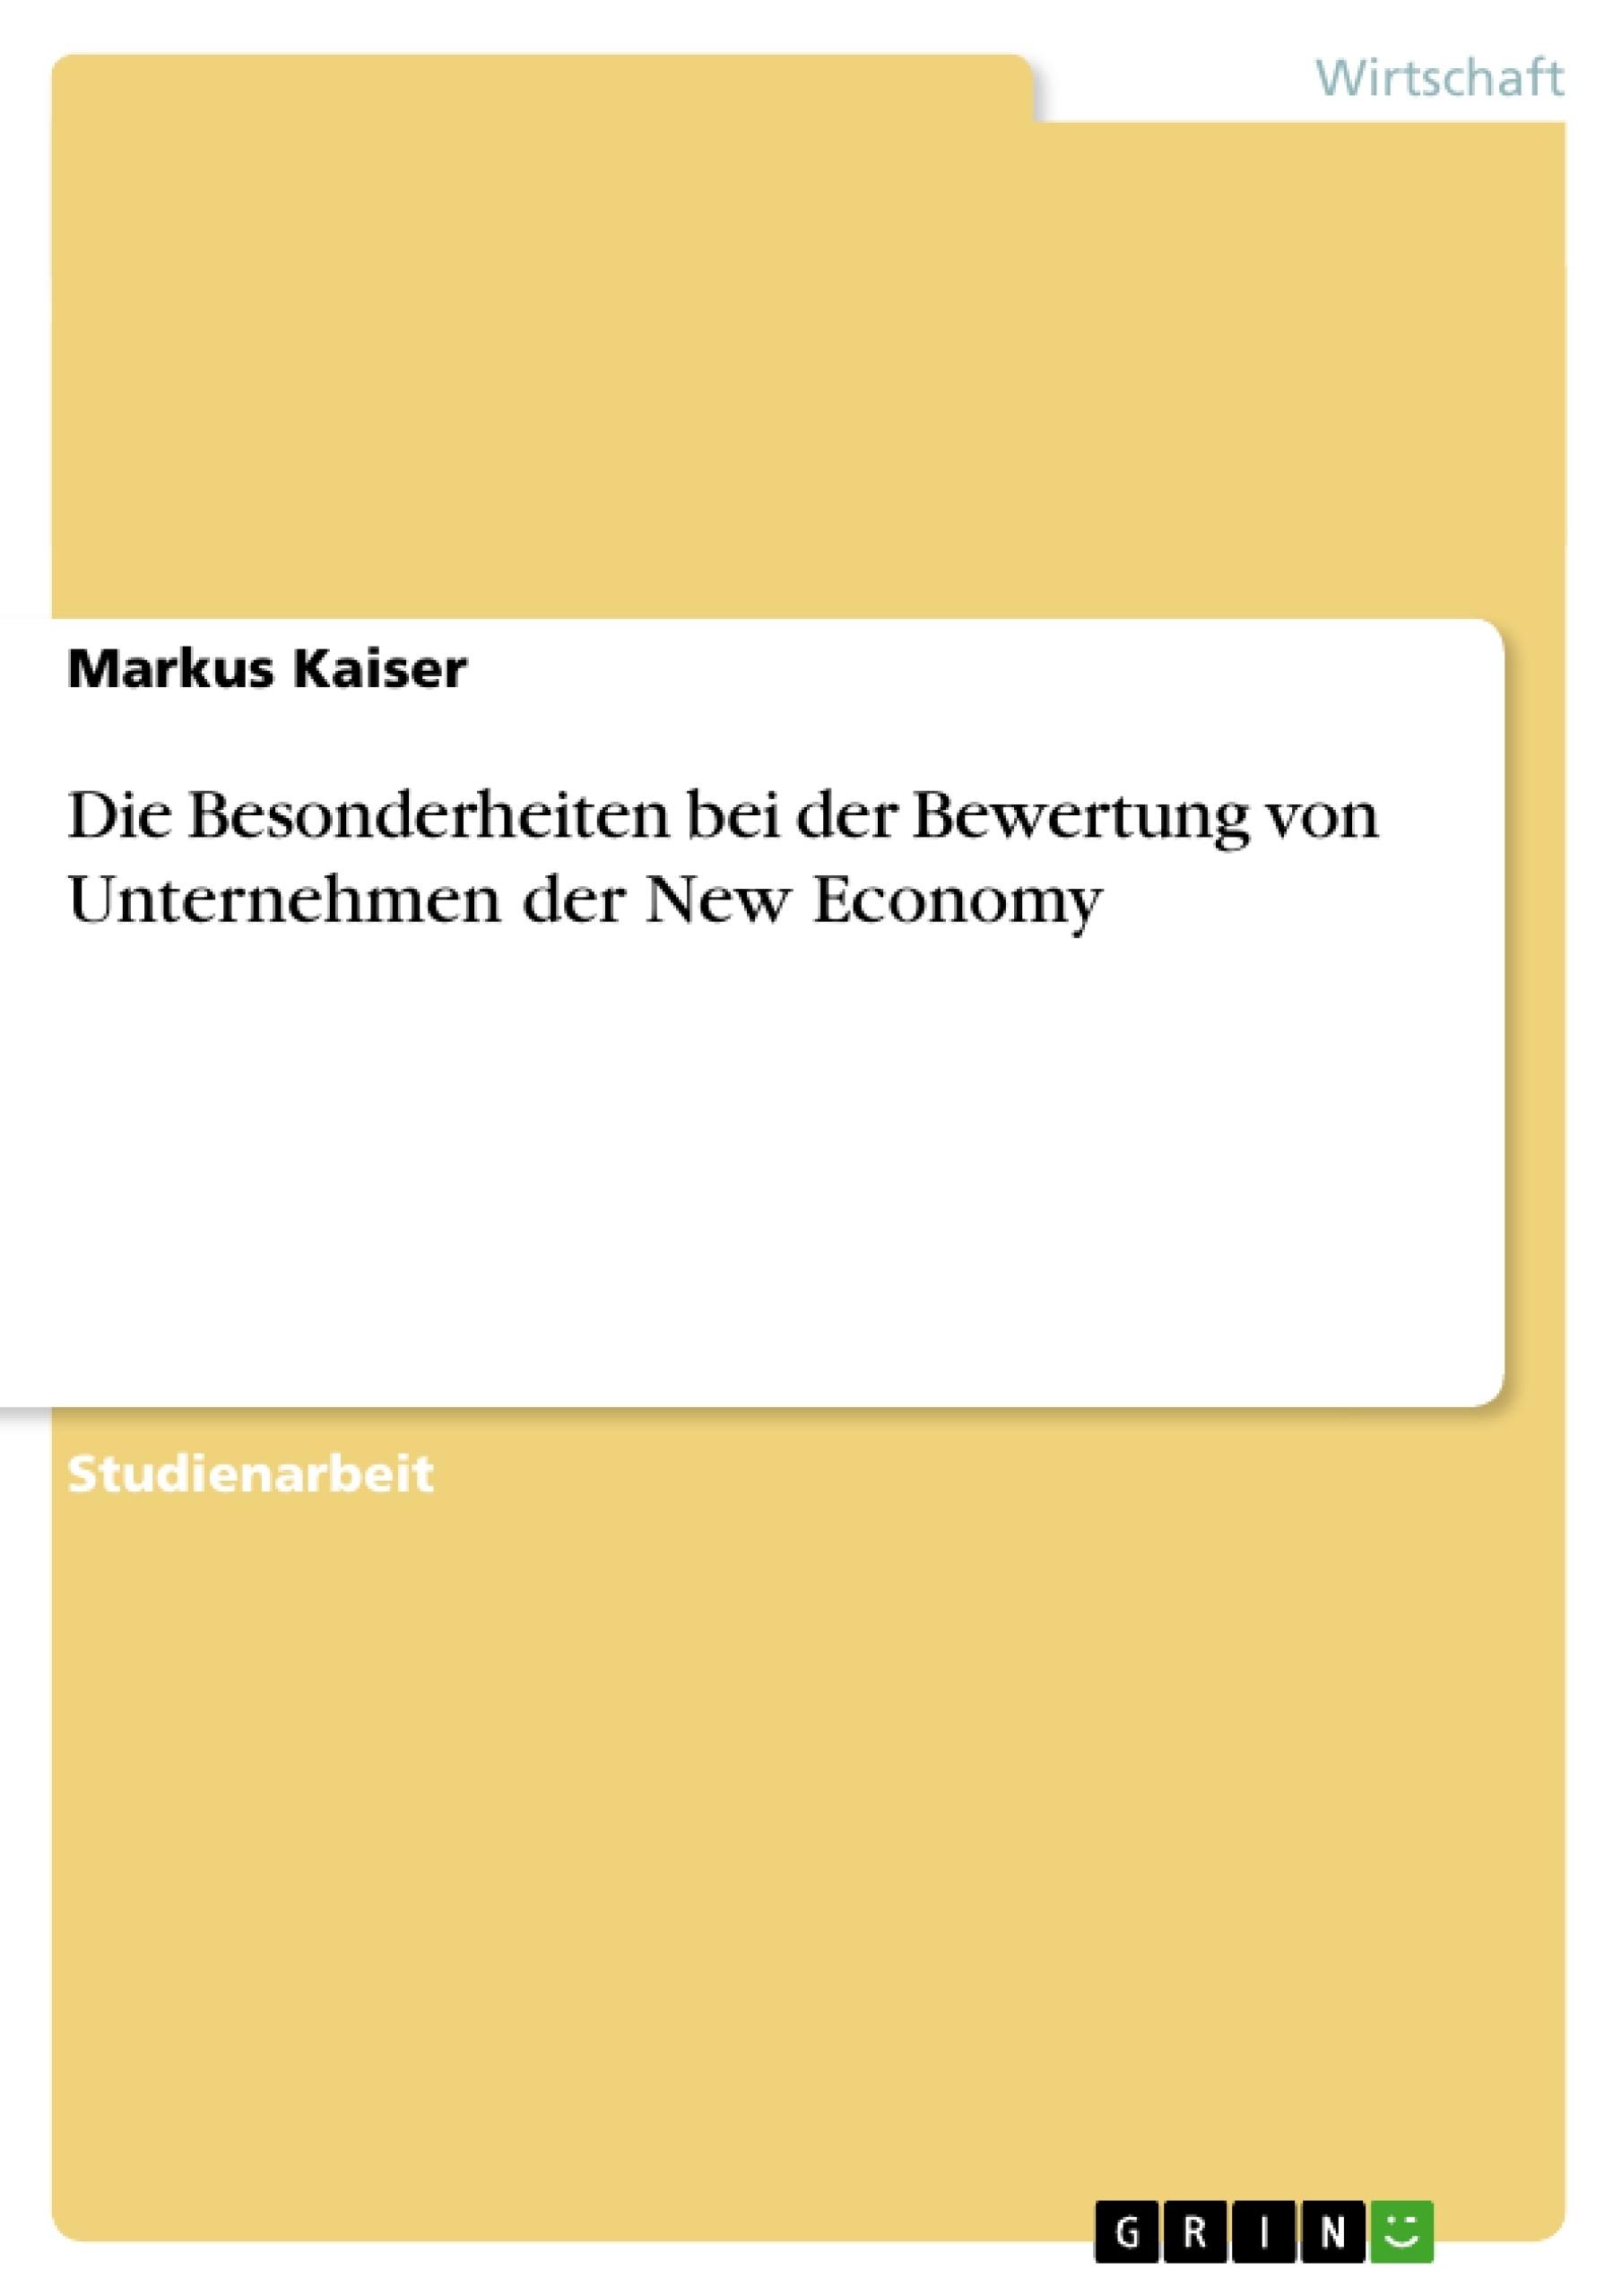 Titel: Die Besonderheiten bei der Bewertung von Unternehmen der New Economy